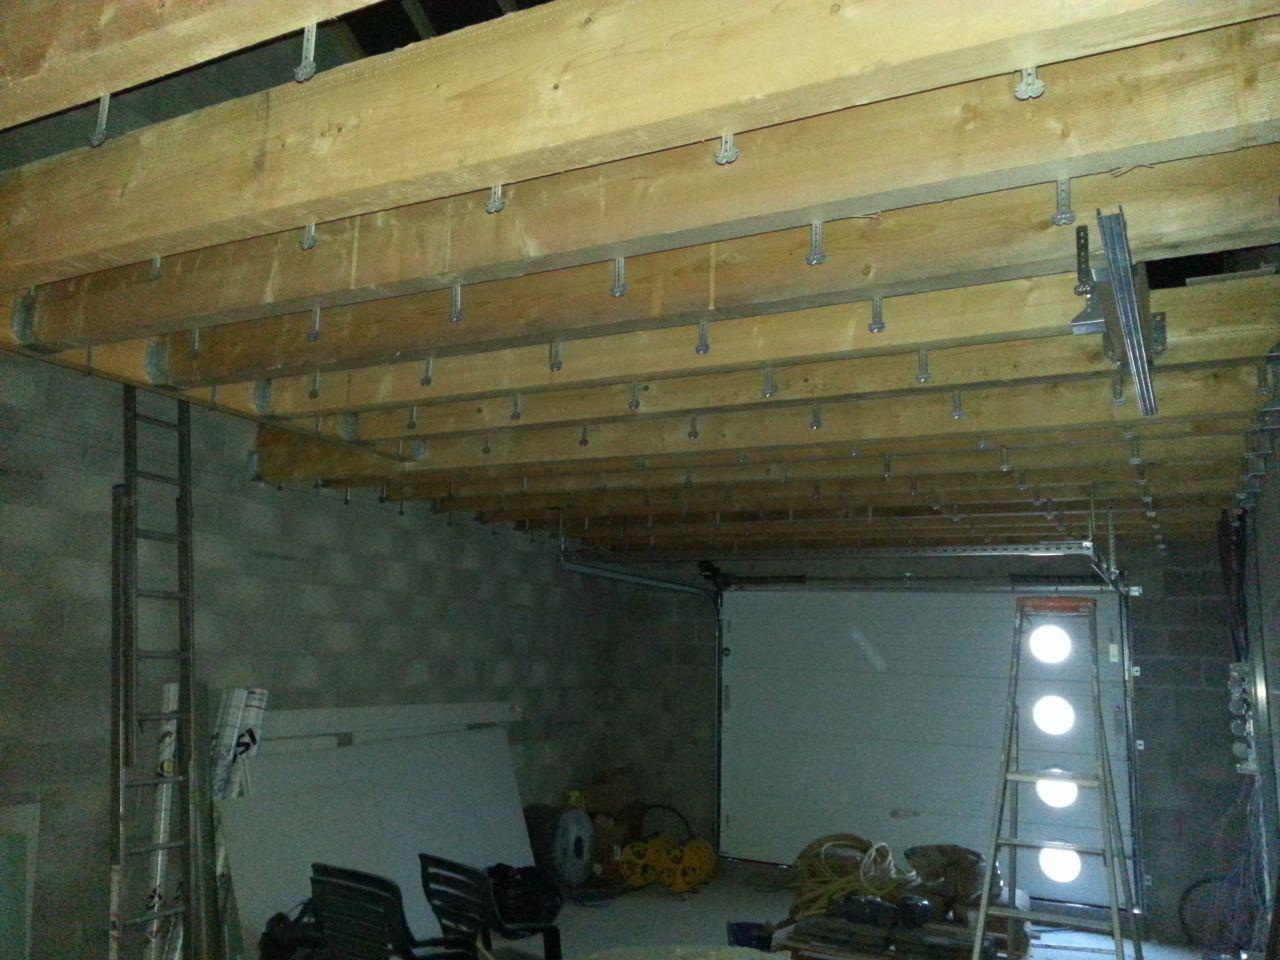 pose des suspentes dans le garage.... bientôt celui-ci aura aussi son plafond.